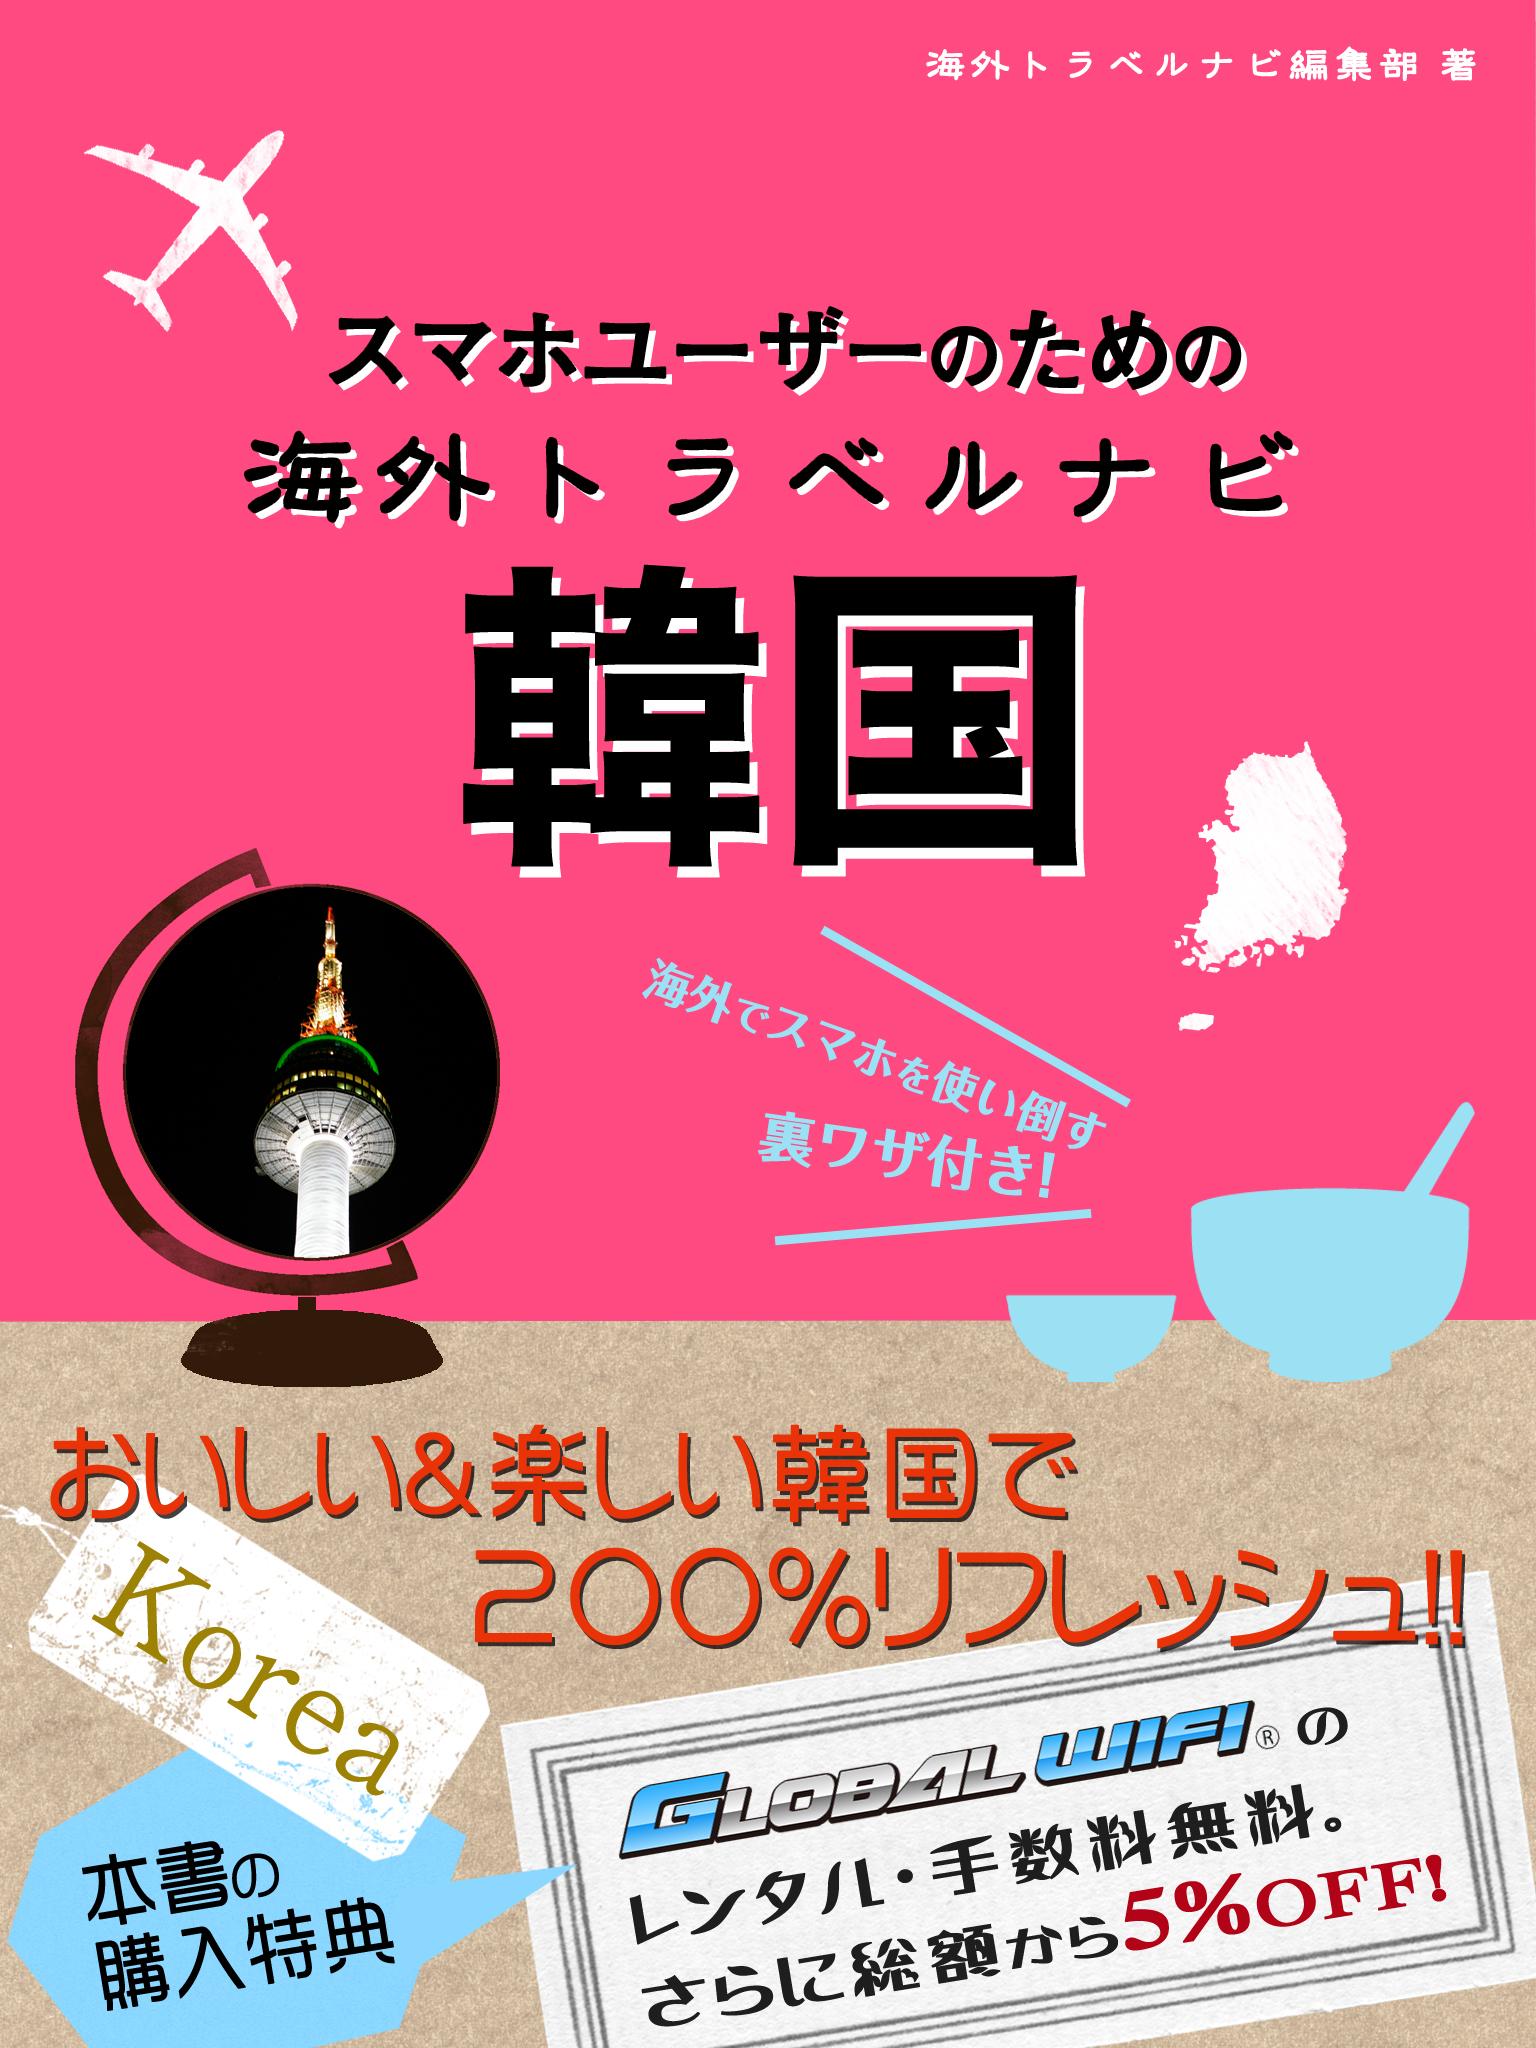 スマホユーザーのための海外トラベルナビ 韓国